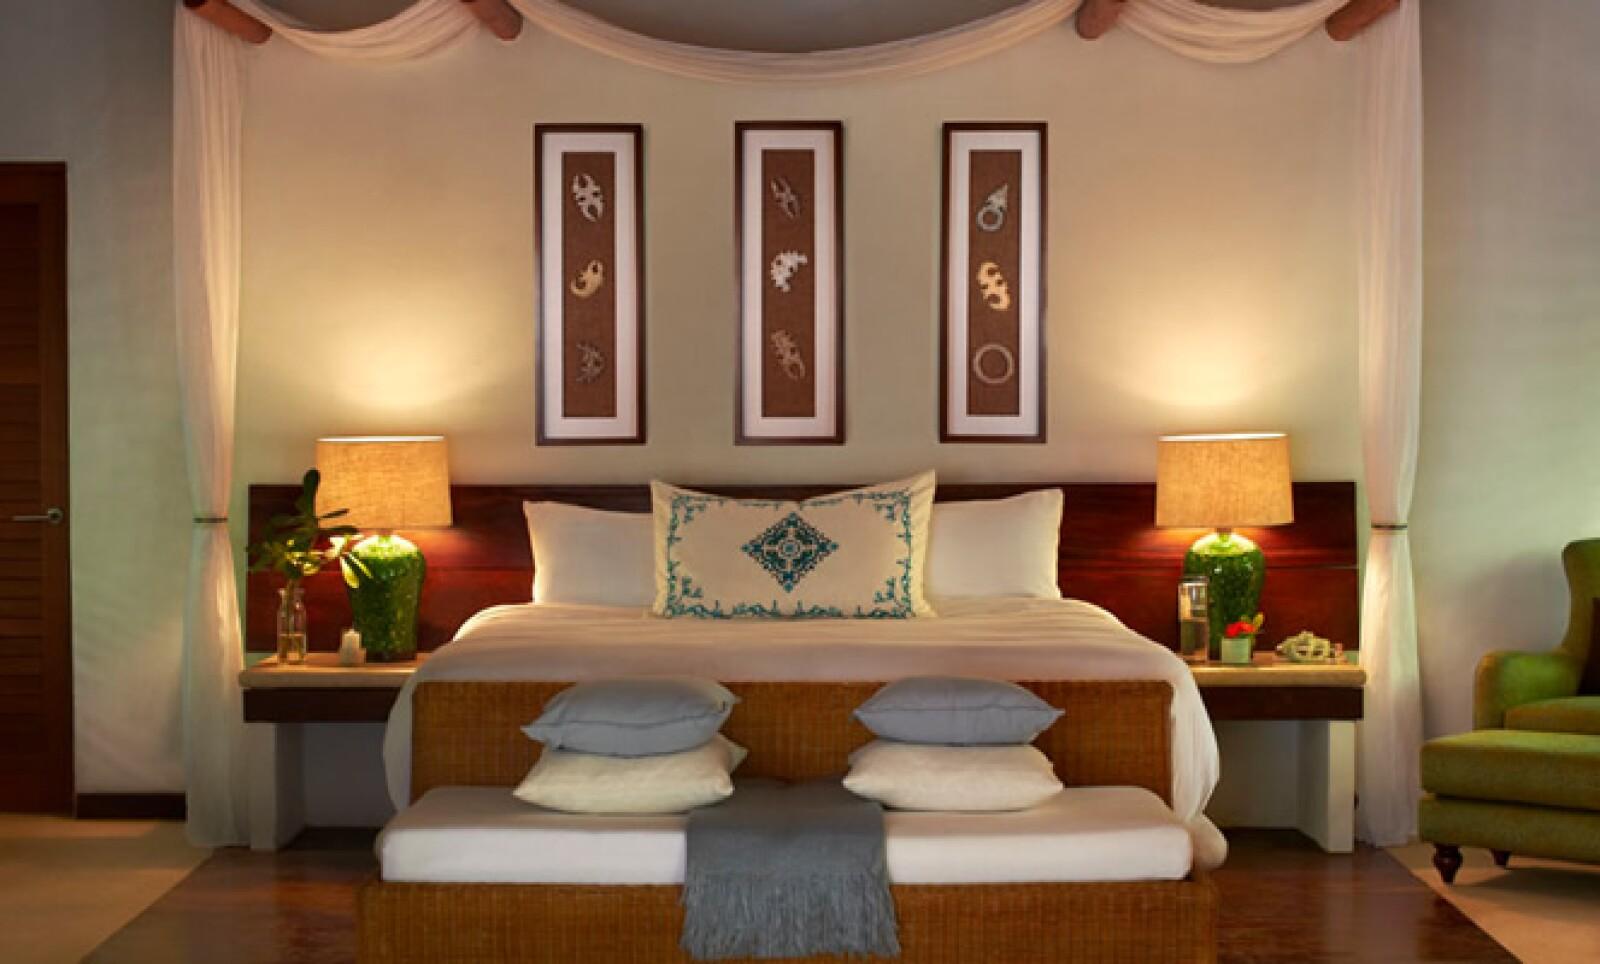 Los turistas reciben una bendición Maya, realizada por el chamán del hotel, que libera de preocupaciones e inquietudes, para que puedan entrar relajados al resort.